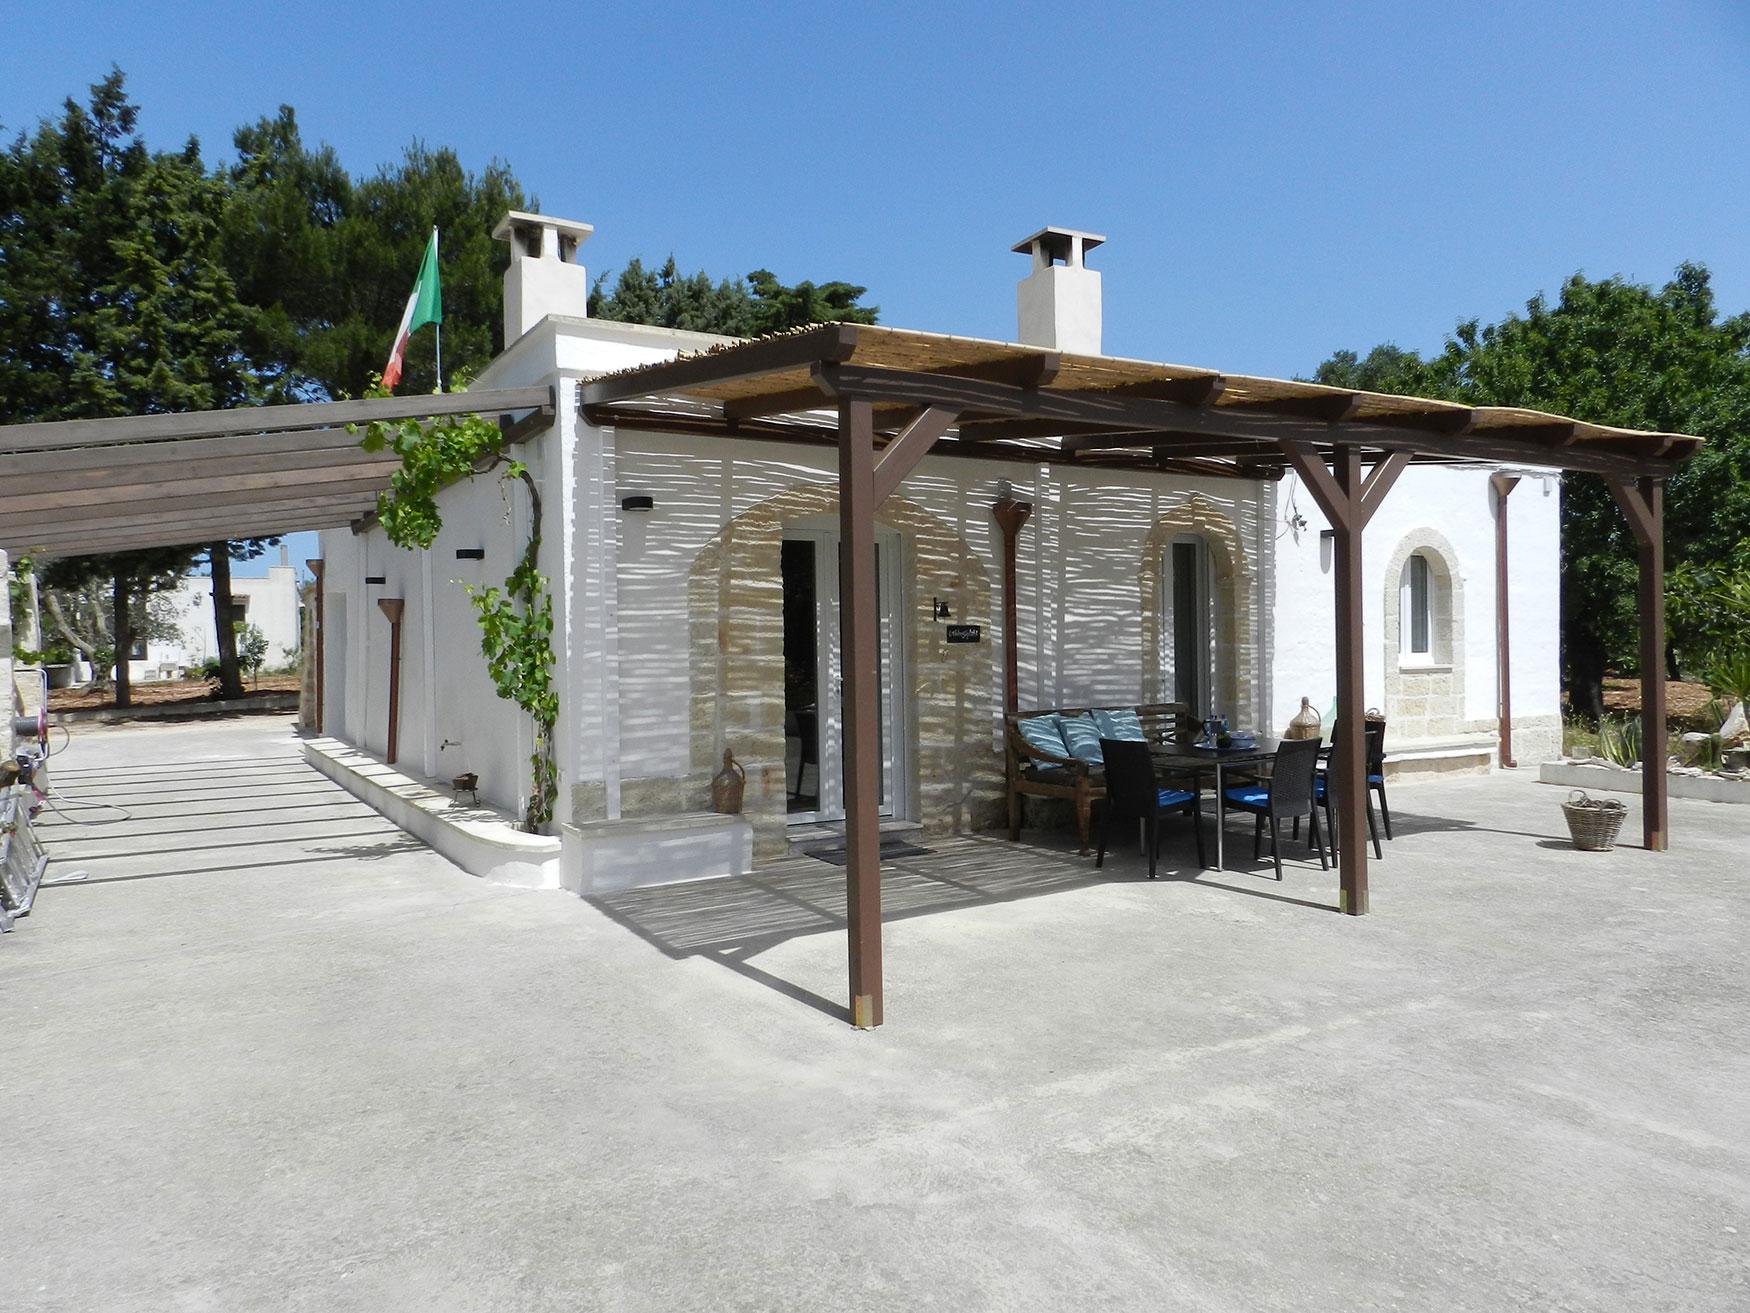 Ferienhaus in italien privat zu vermieten